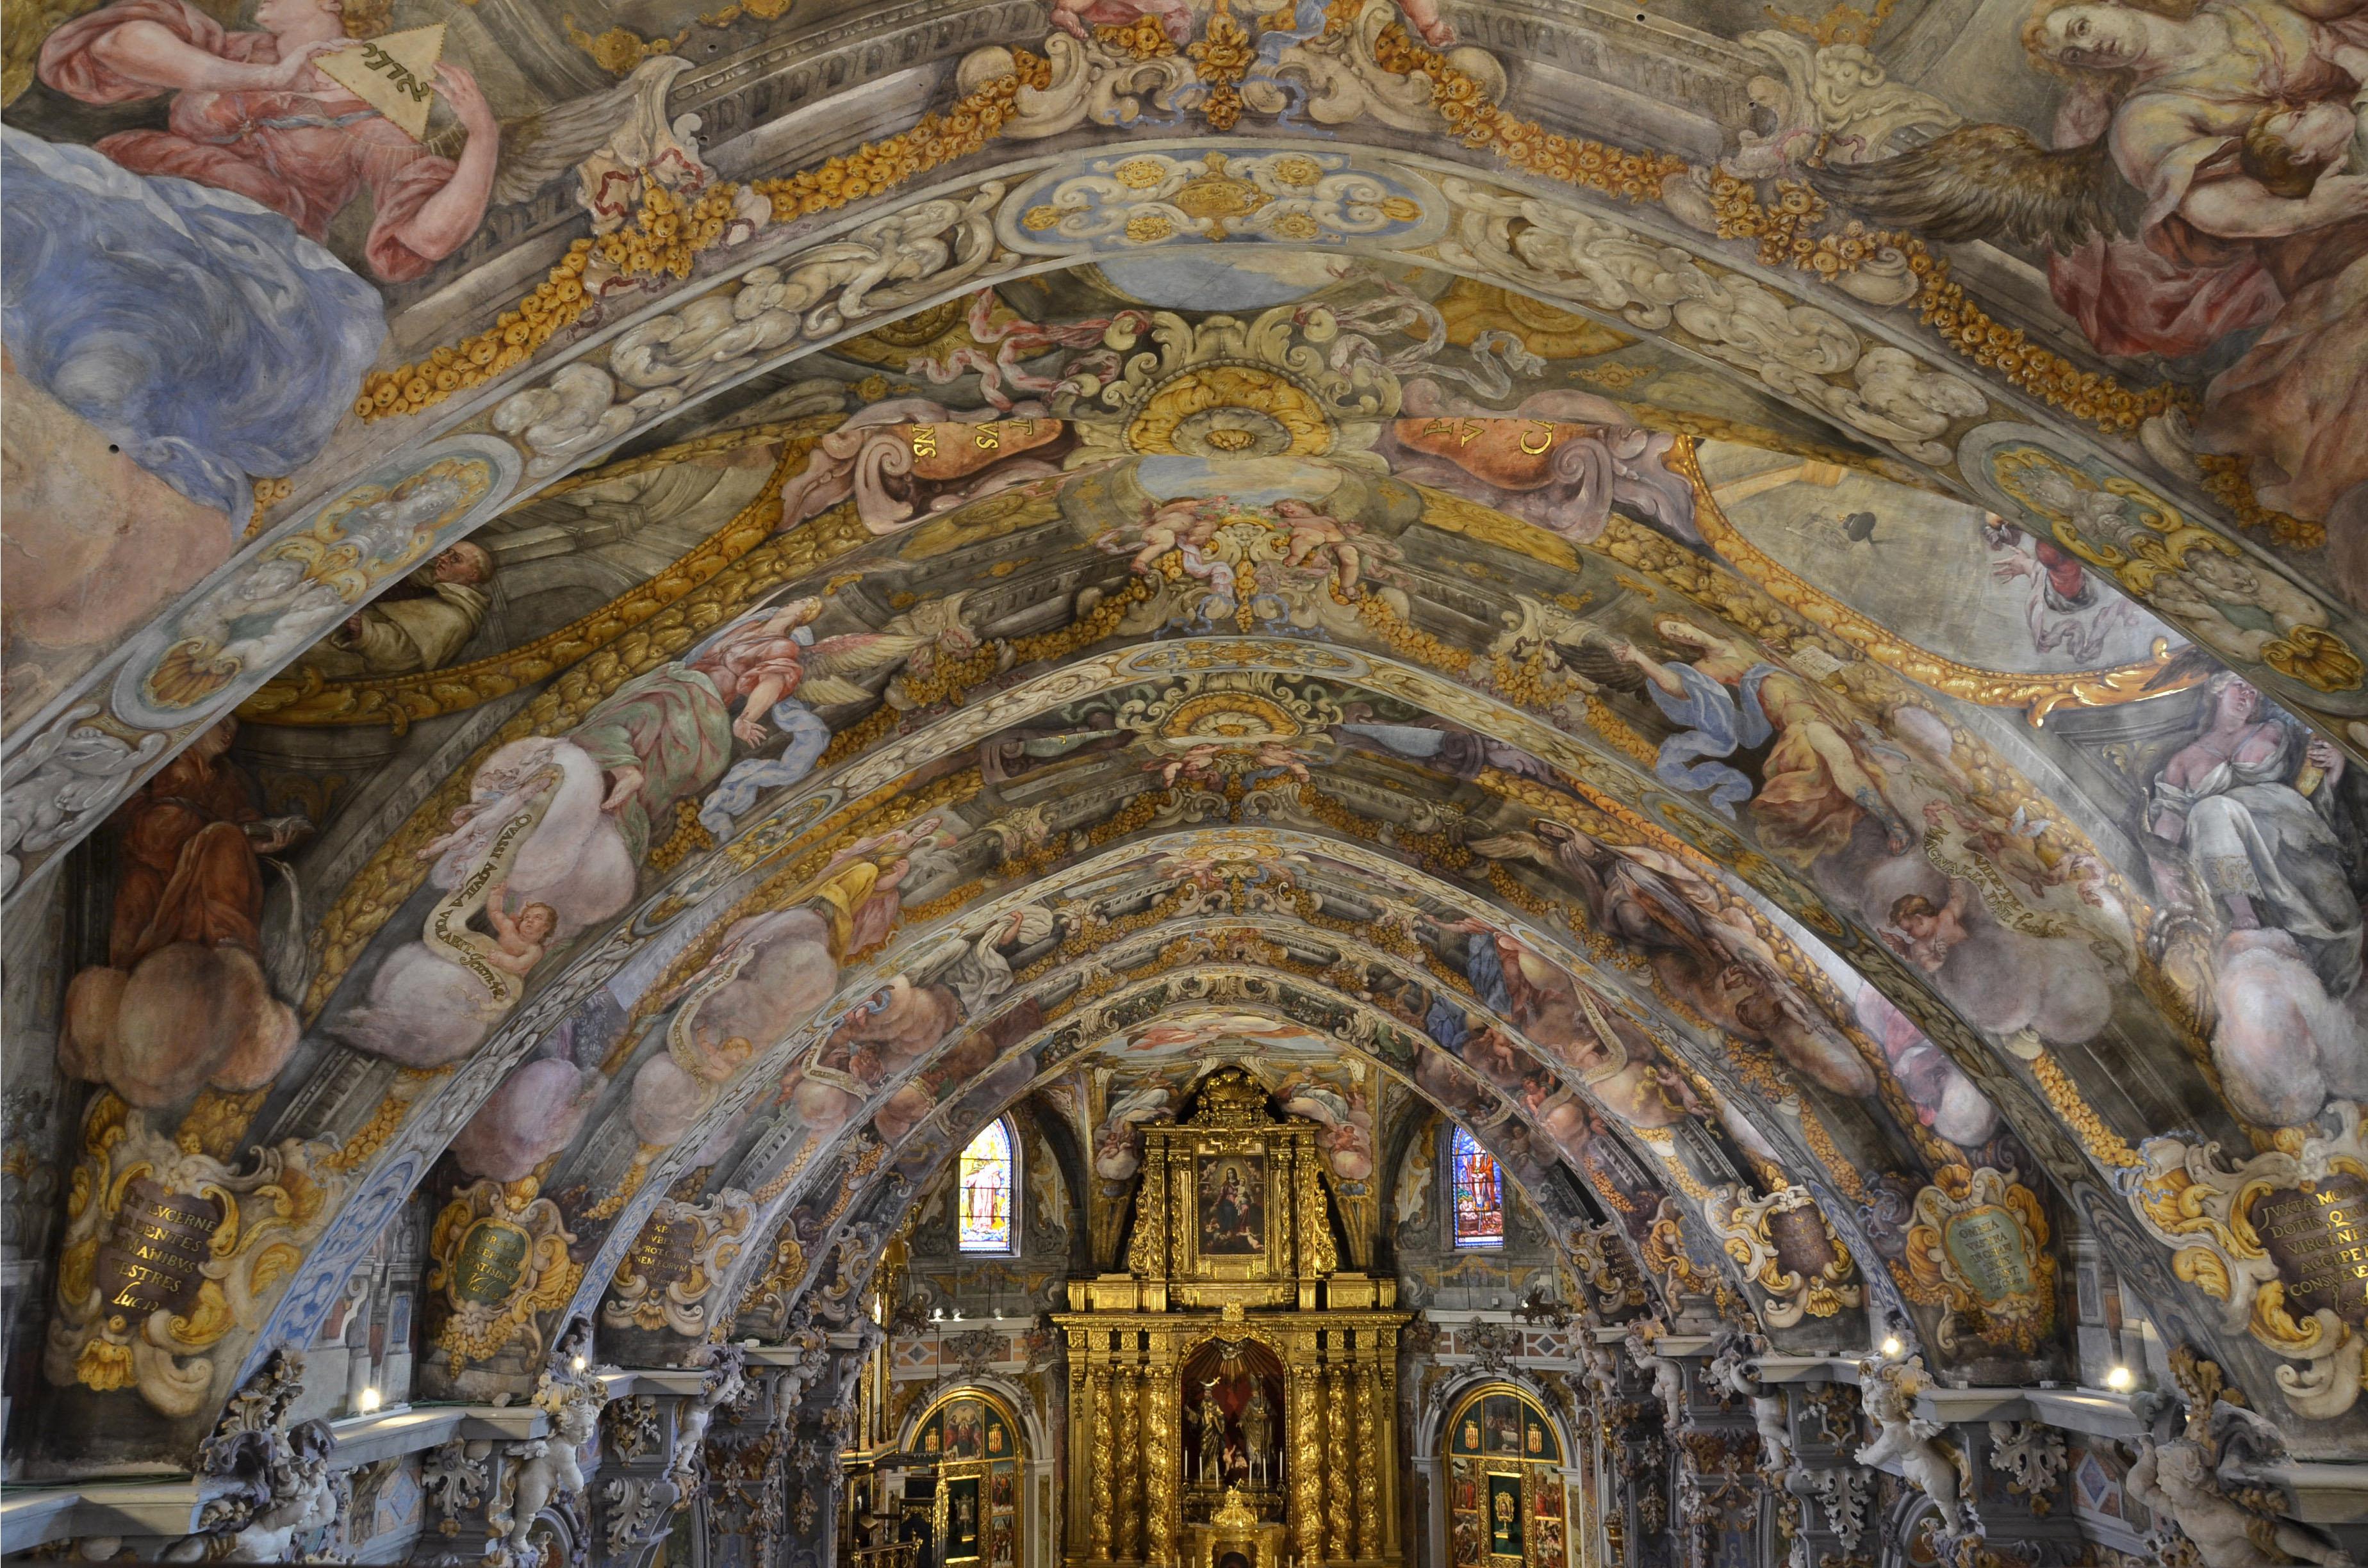 El Instituto IRP de la UPV coordinó la restauración pictórica de los frescos de la Iglesia de San Nicolás